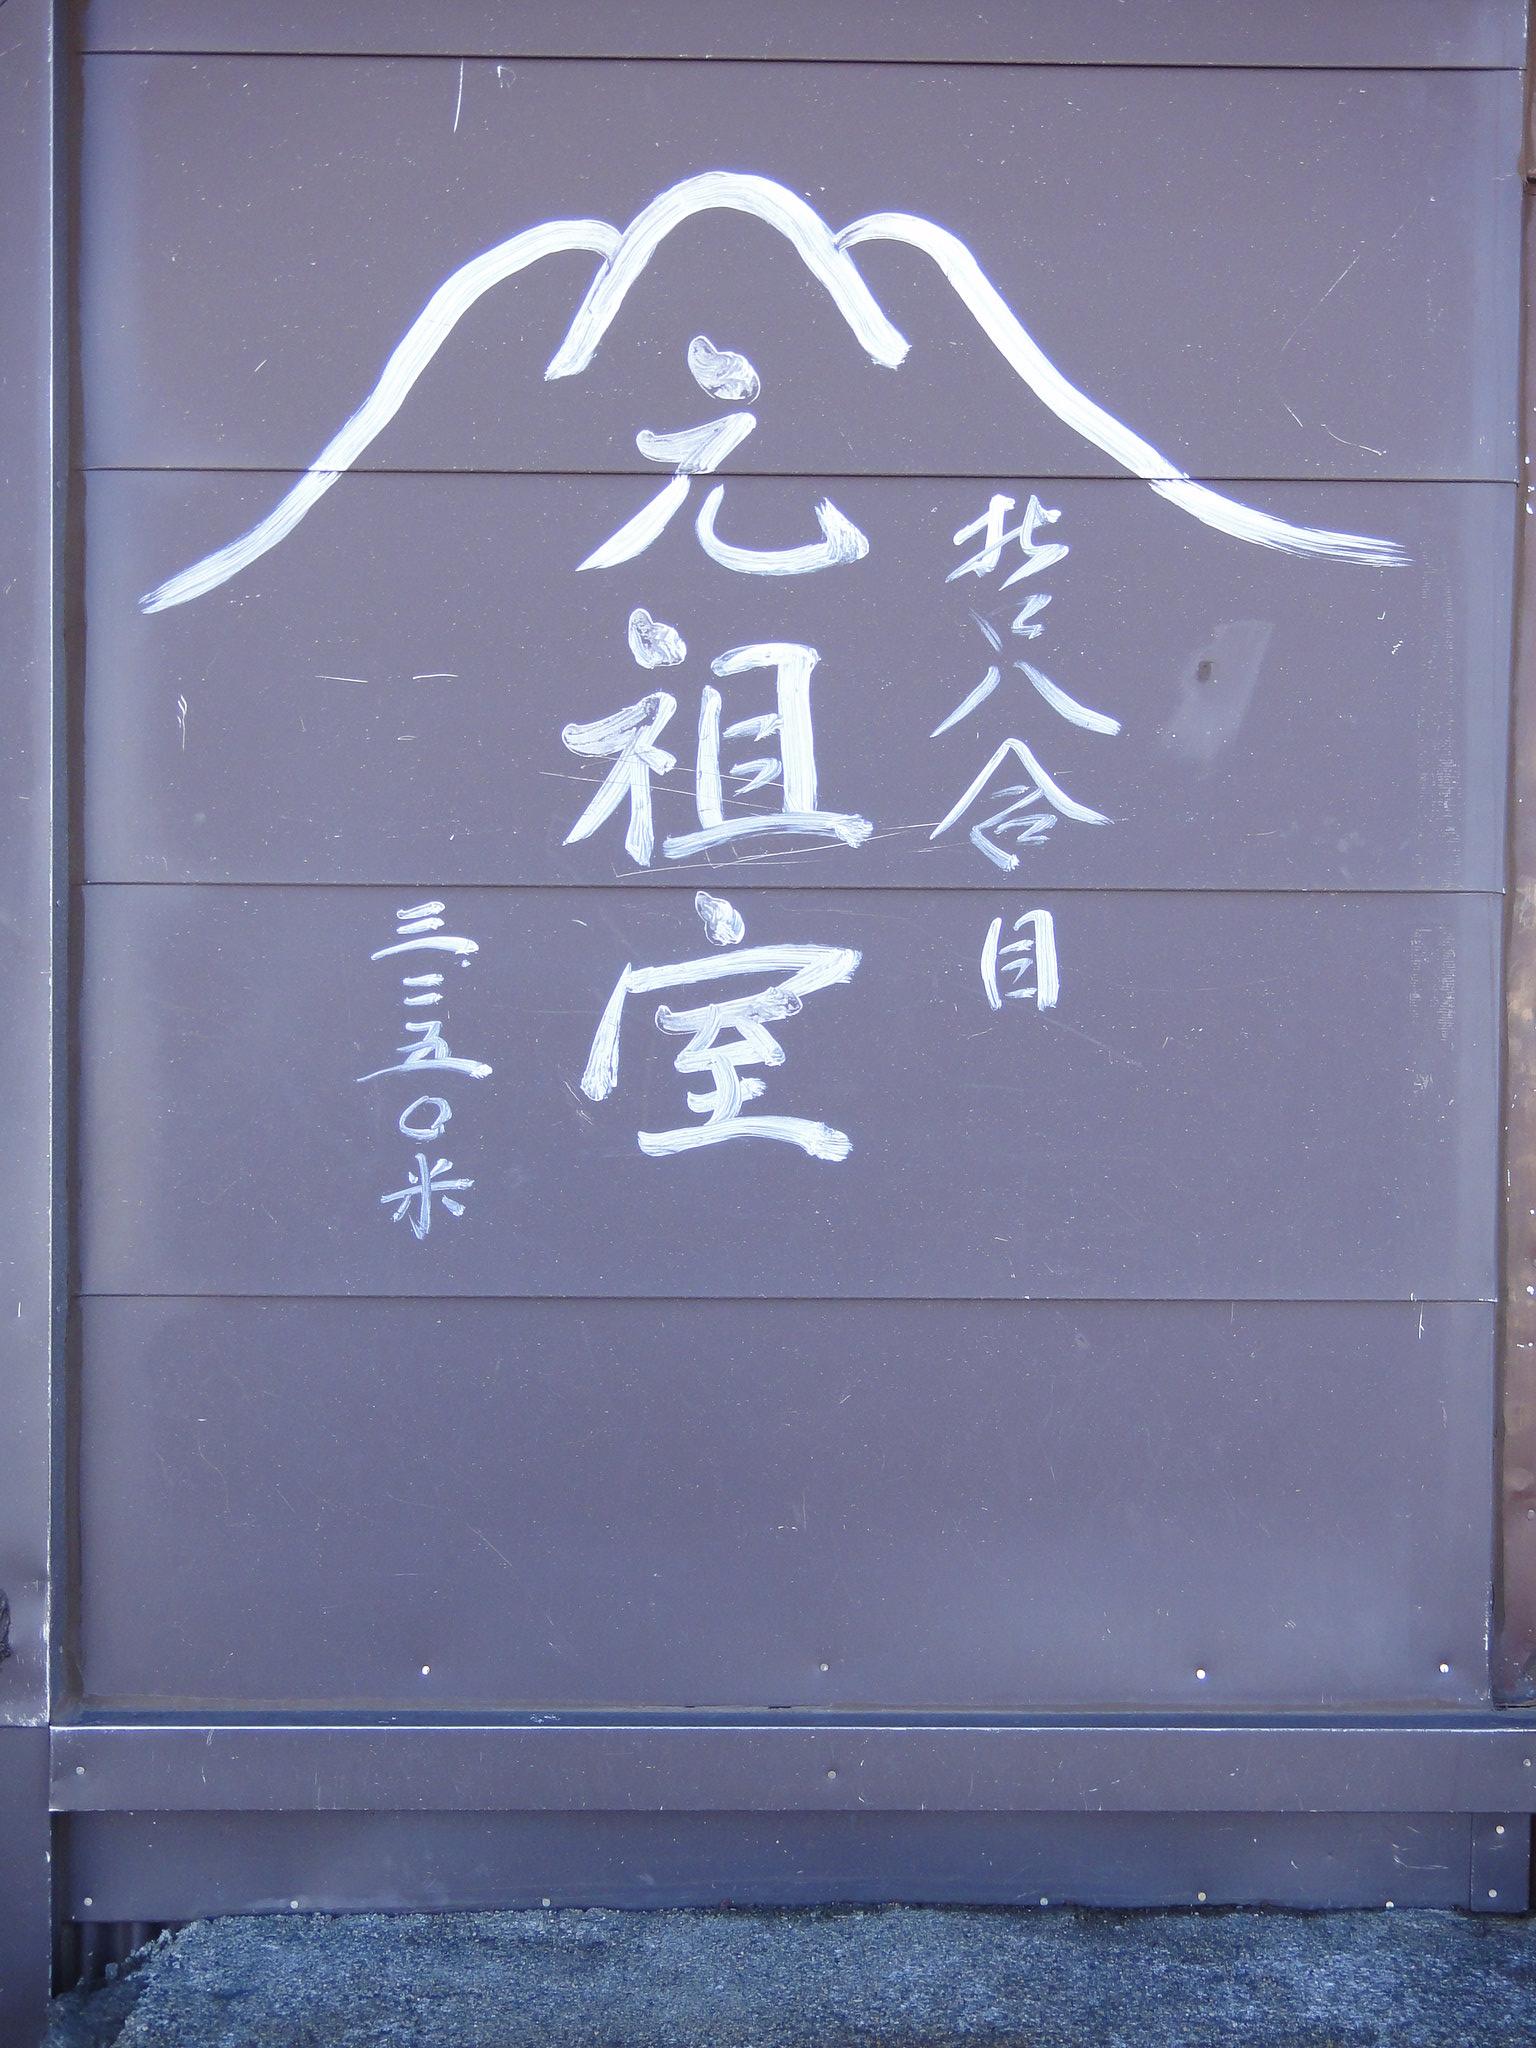 Mount Fuji - Gansomuro hut